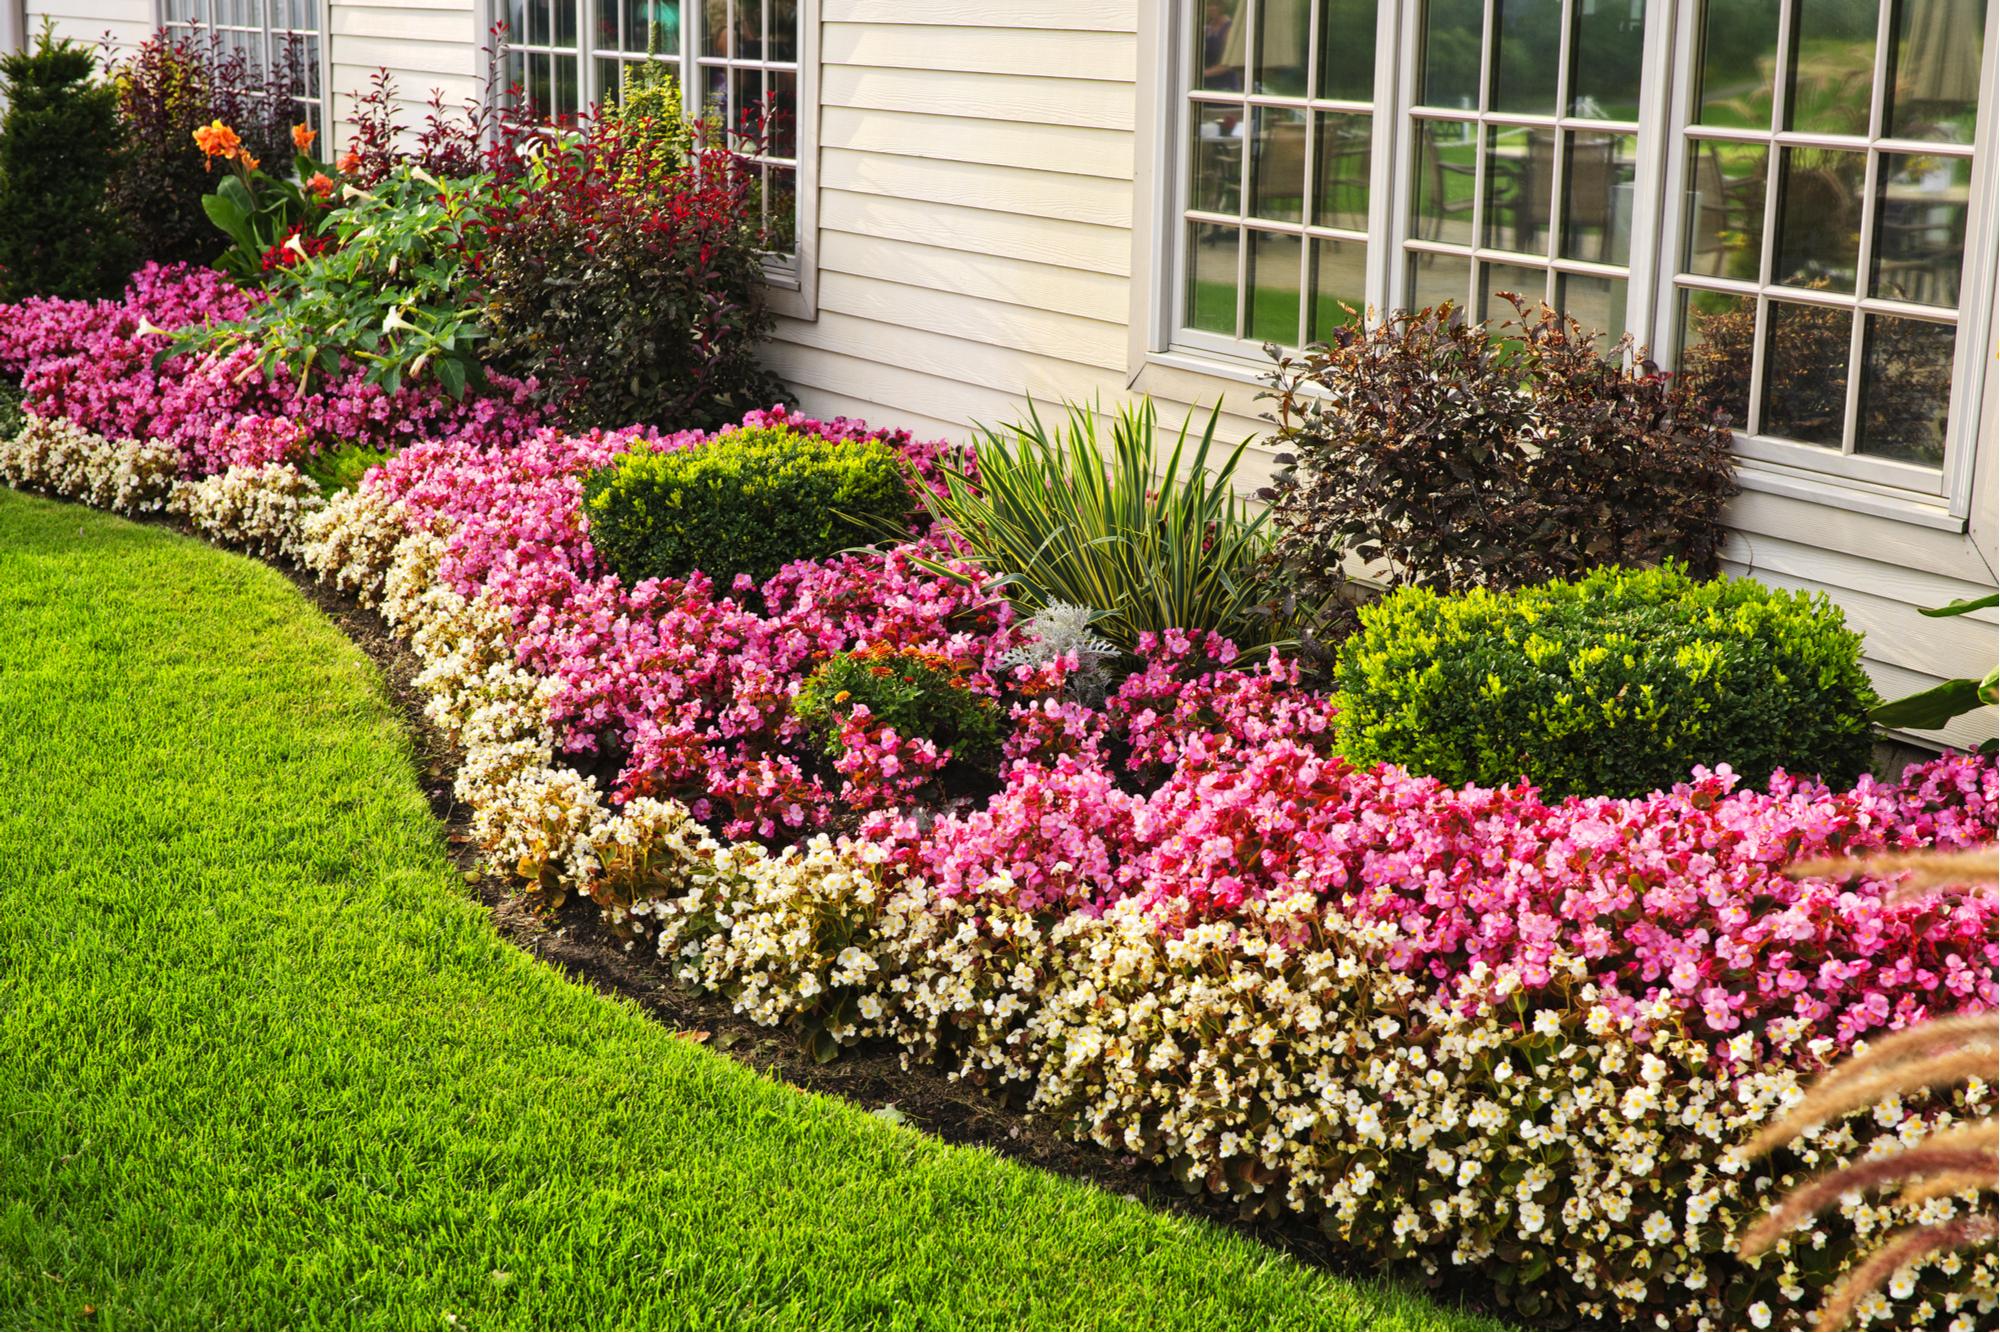 edgy | garden | tools | garden tool | garden edging tool | edging tool | tool for edging | garden tips | tips for gardening | tips for edging | edging tips